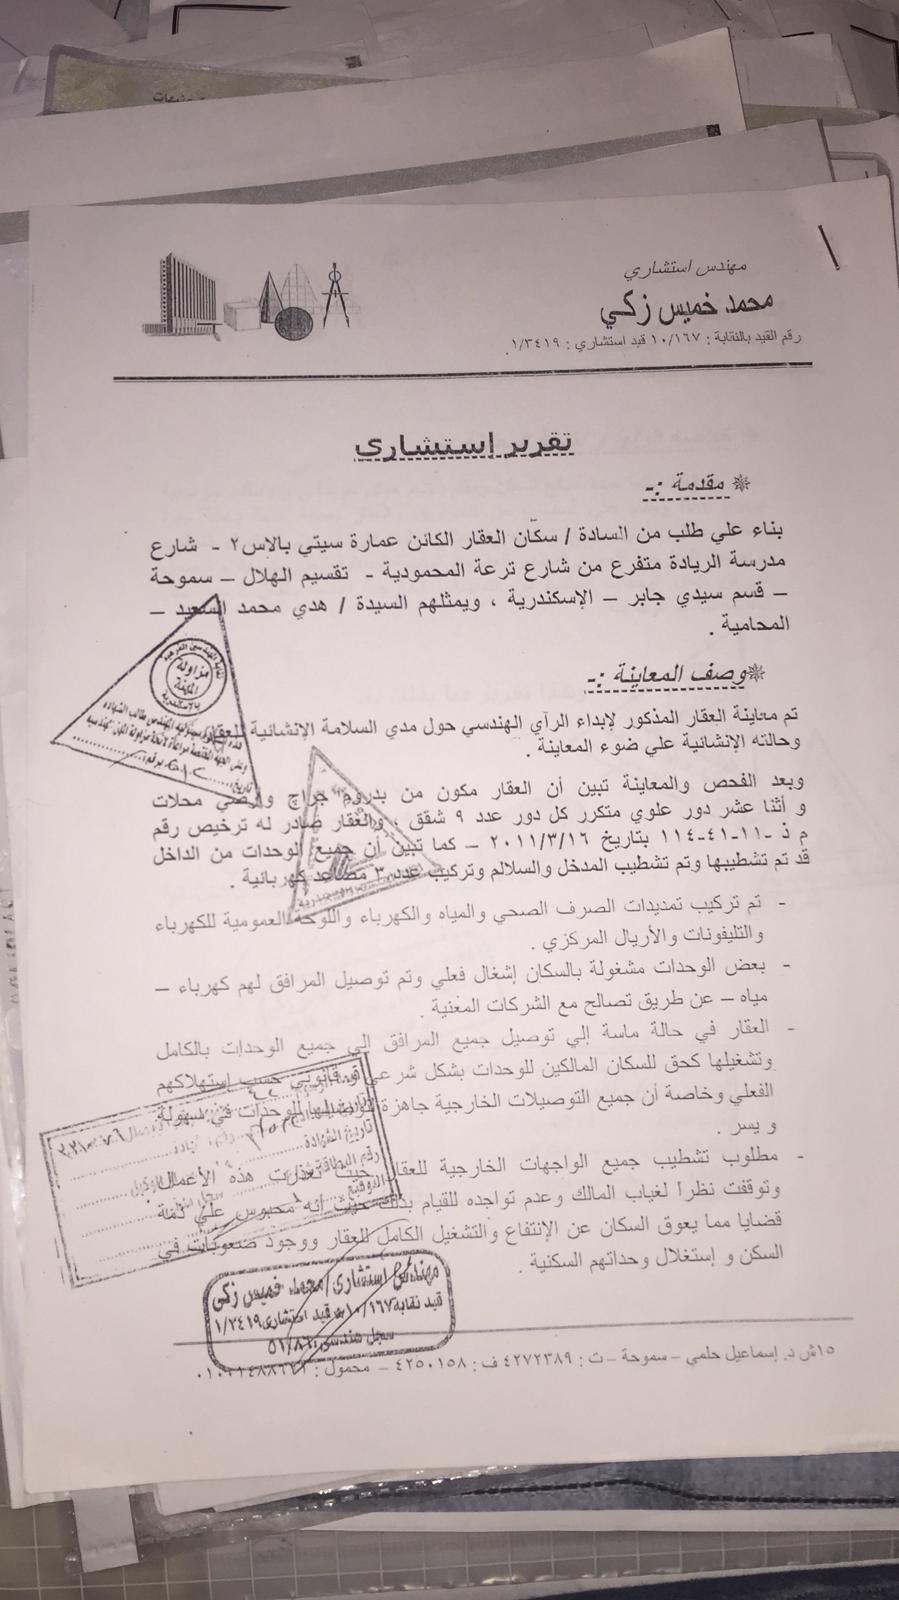 أزمة مشروع سيتي بالاس بالإسكندرية (83)